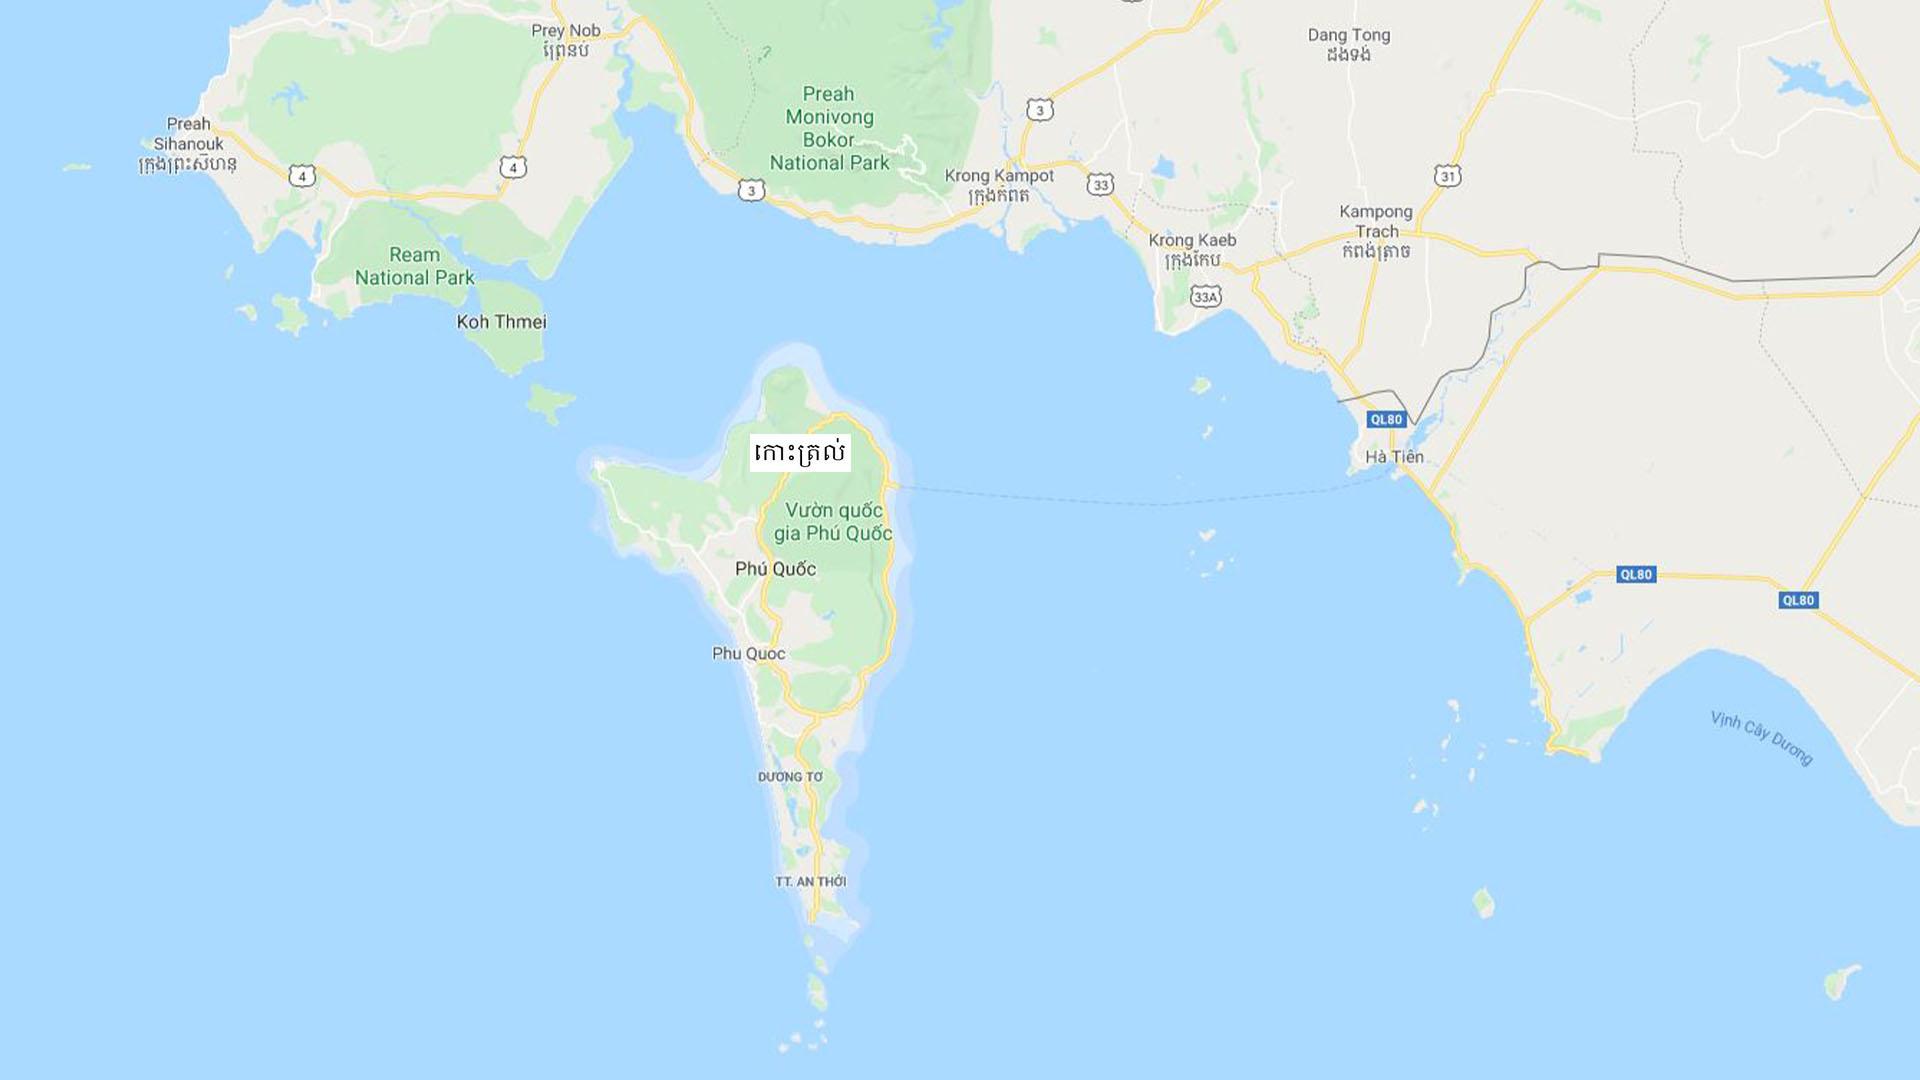 ផែនទីកោះត្រល់ តាម Google Map